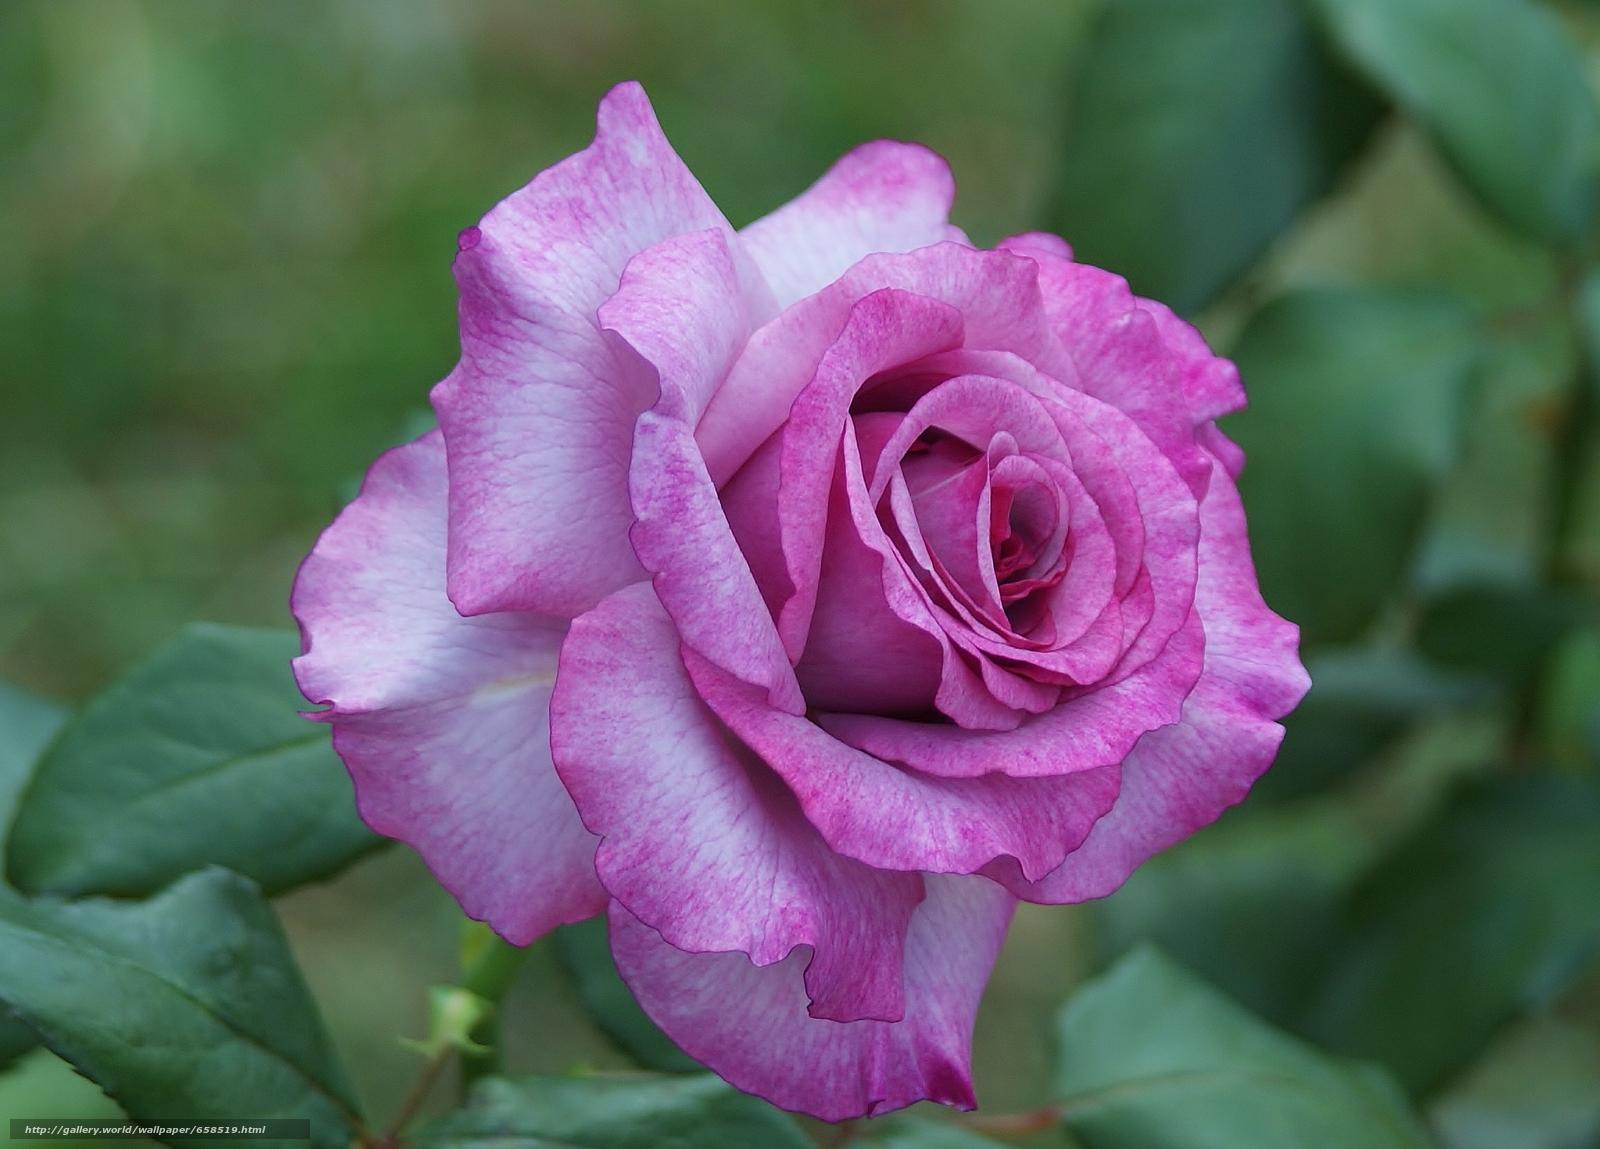 Скачать обои цветок,  цветы,  флора,  роза бесплатно для рабочего стола в разрешении 2307x1657 — картинка №658519